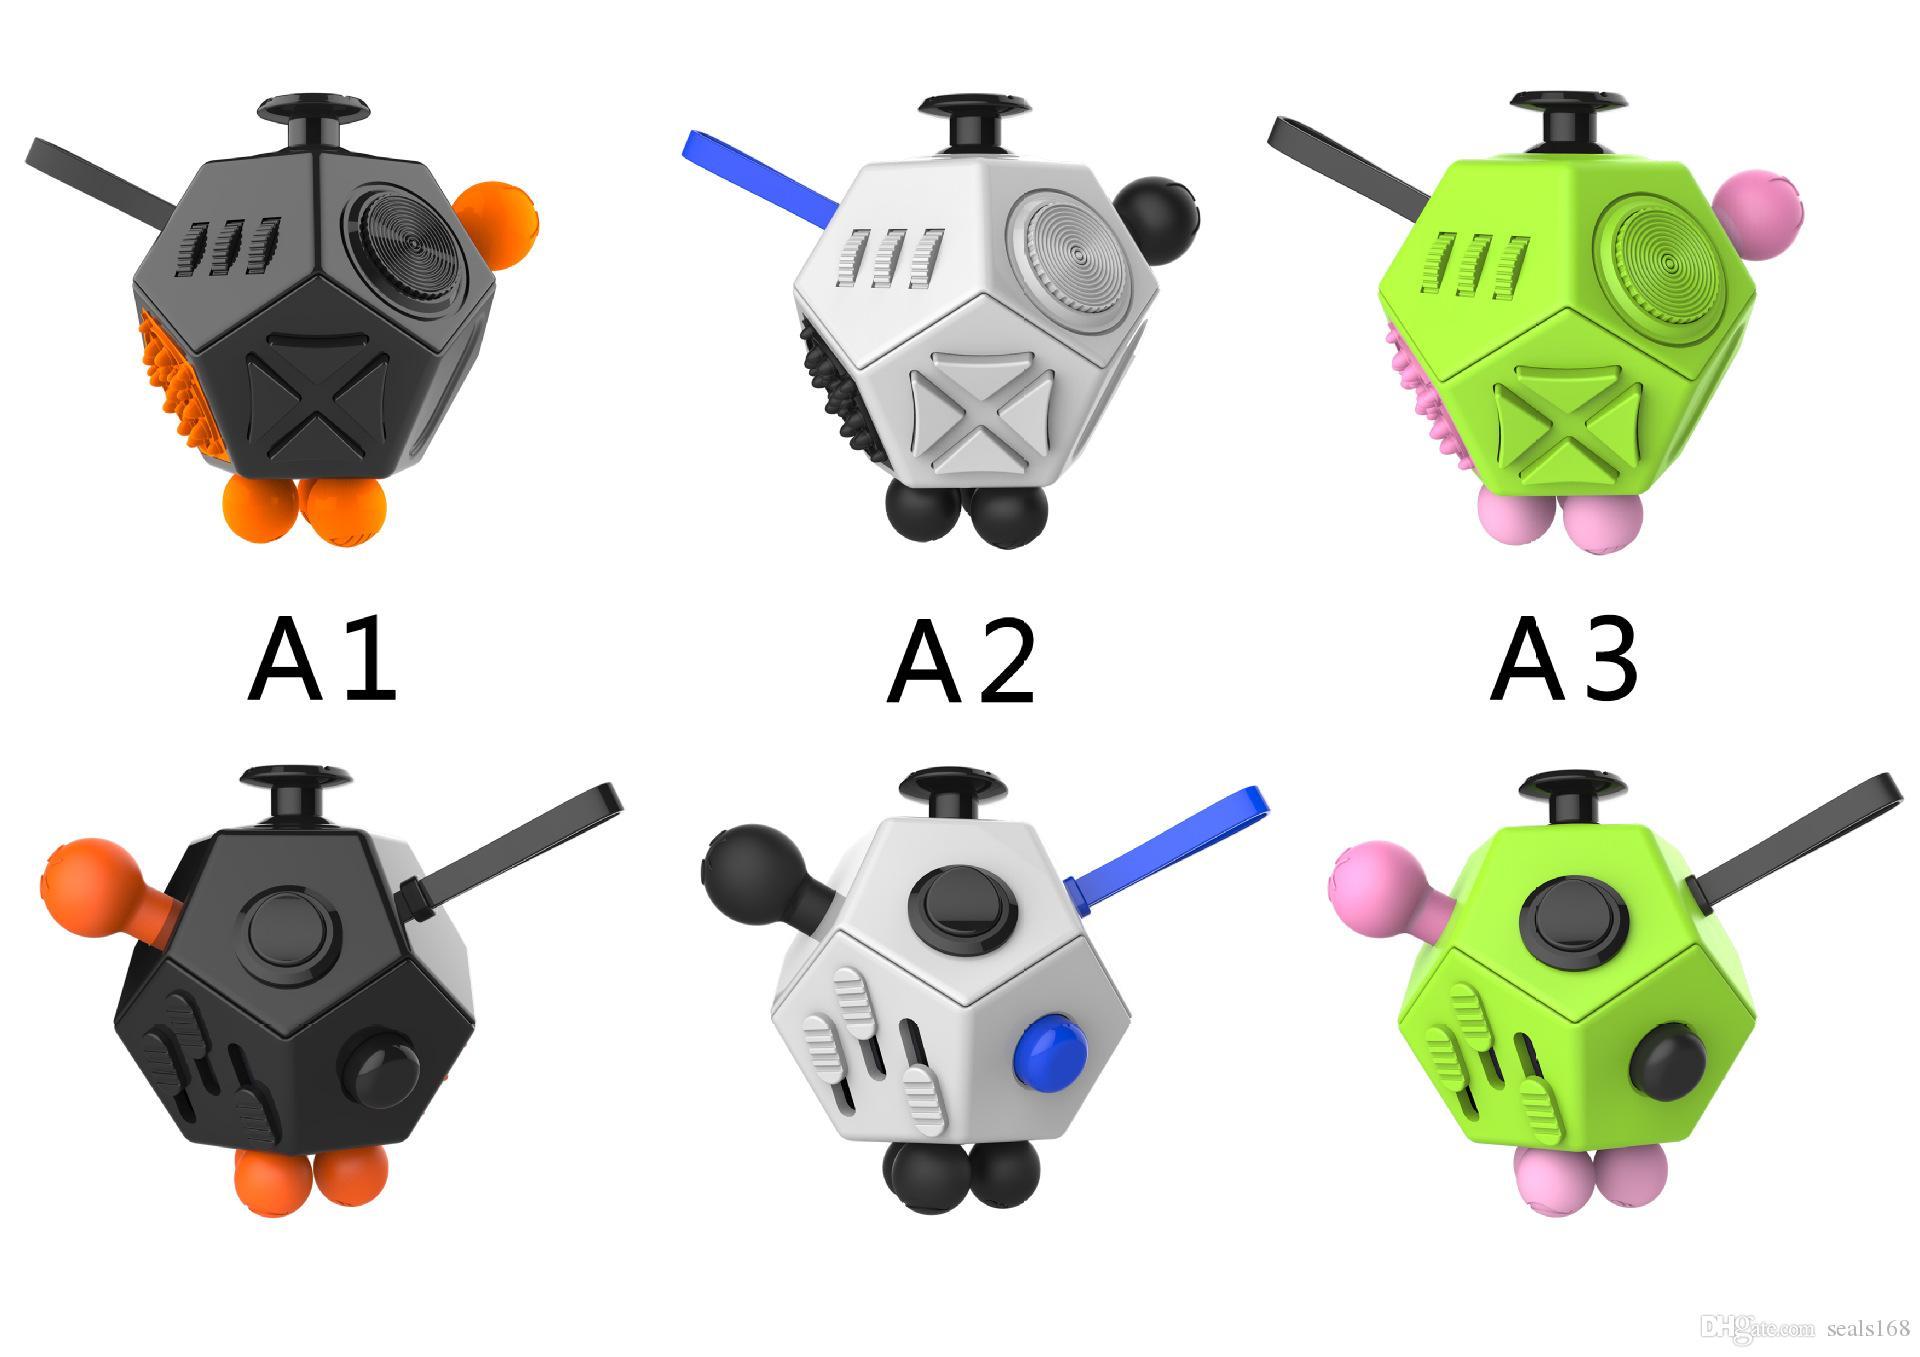 2017 Fidget Cubo Brinquedos Adulto Crianças 2 Geração Brinquedos de Ansiedade De Descompressão 12 Mão De Superfície Novidade Mordaça PC Brinquedos Presentes HH-T78